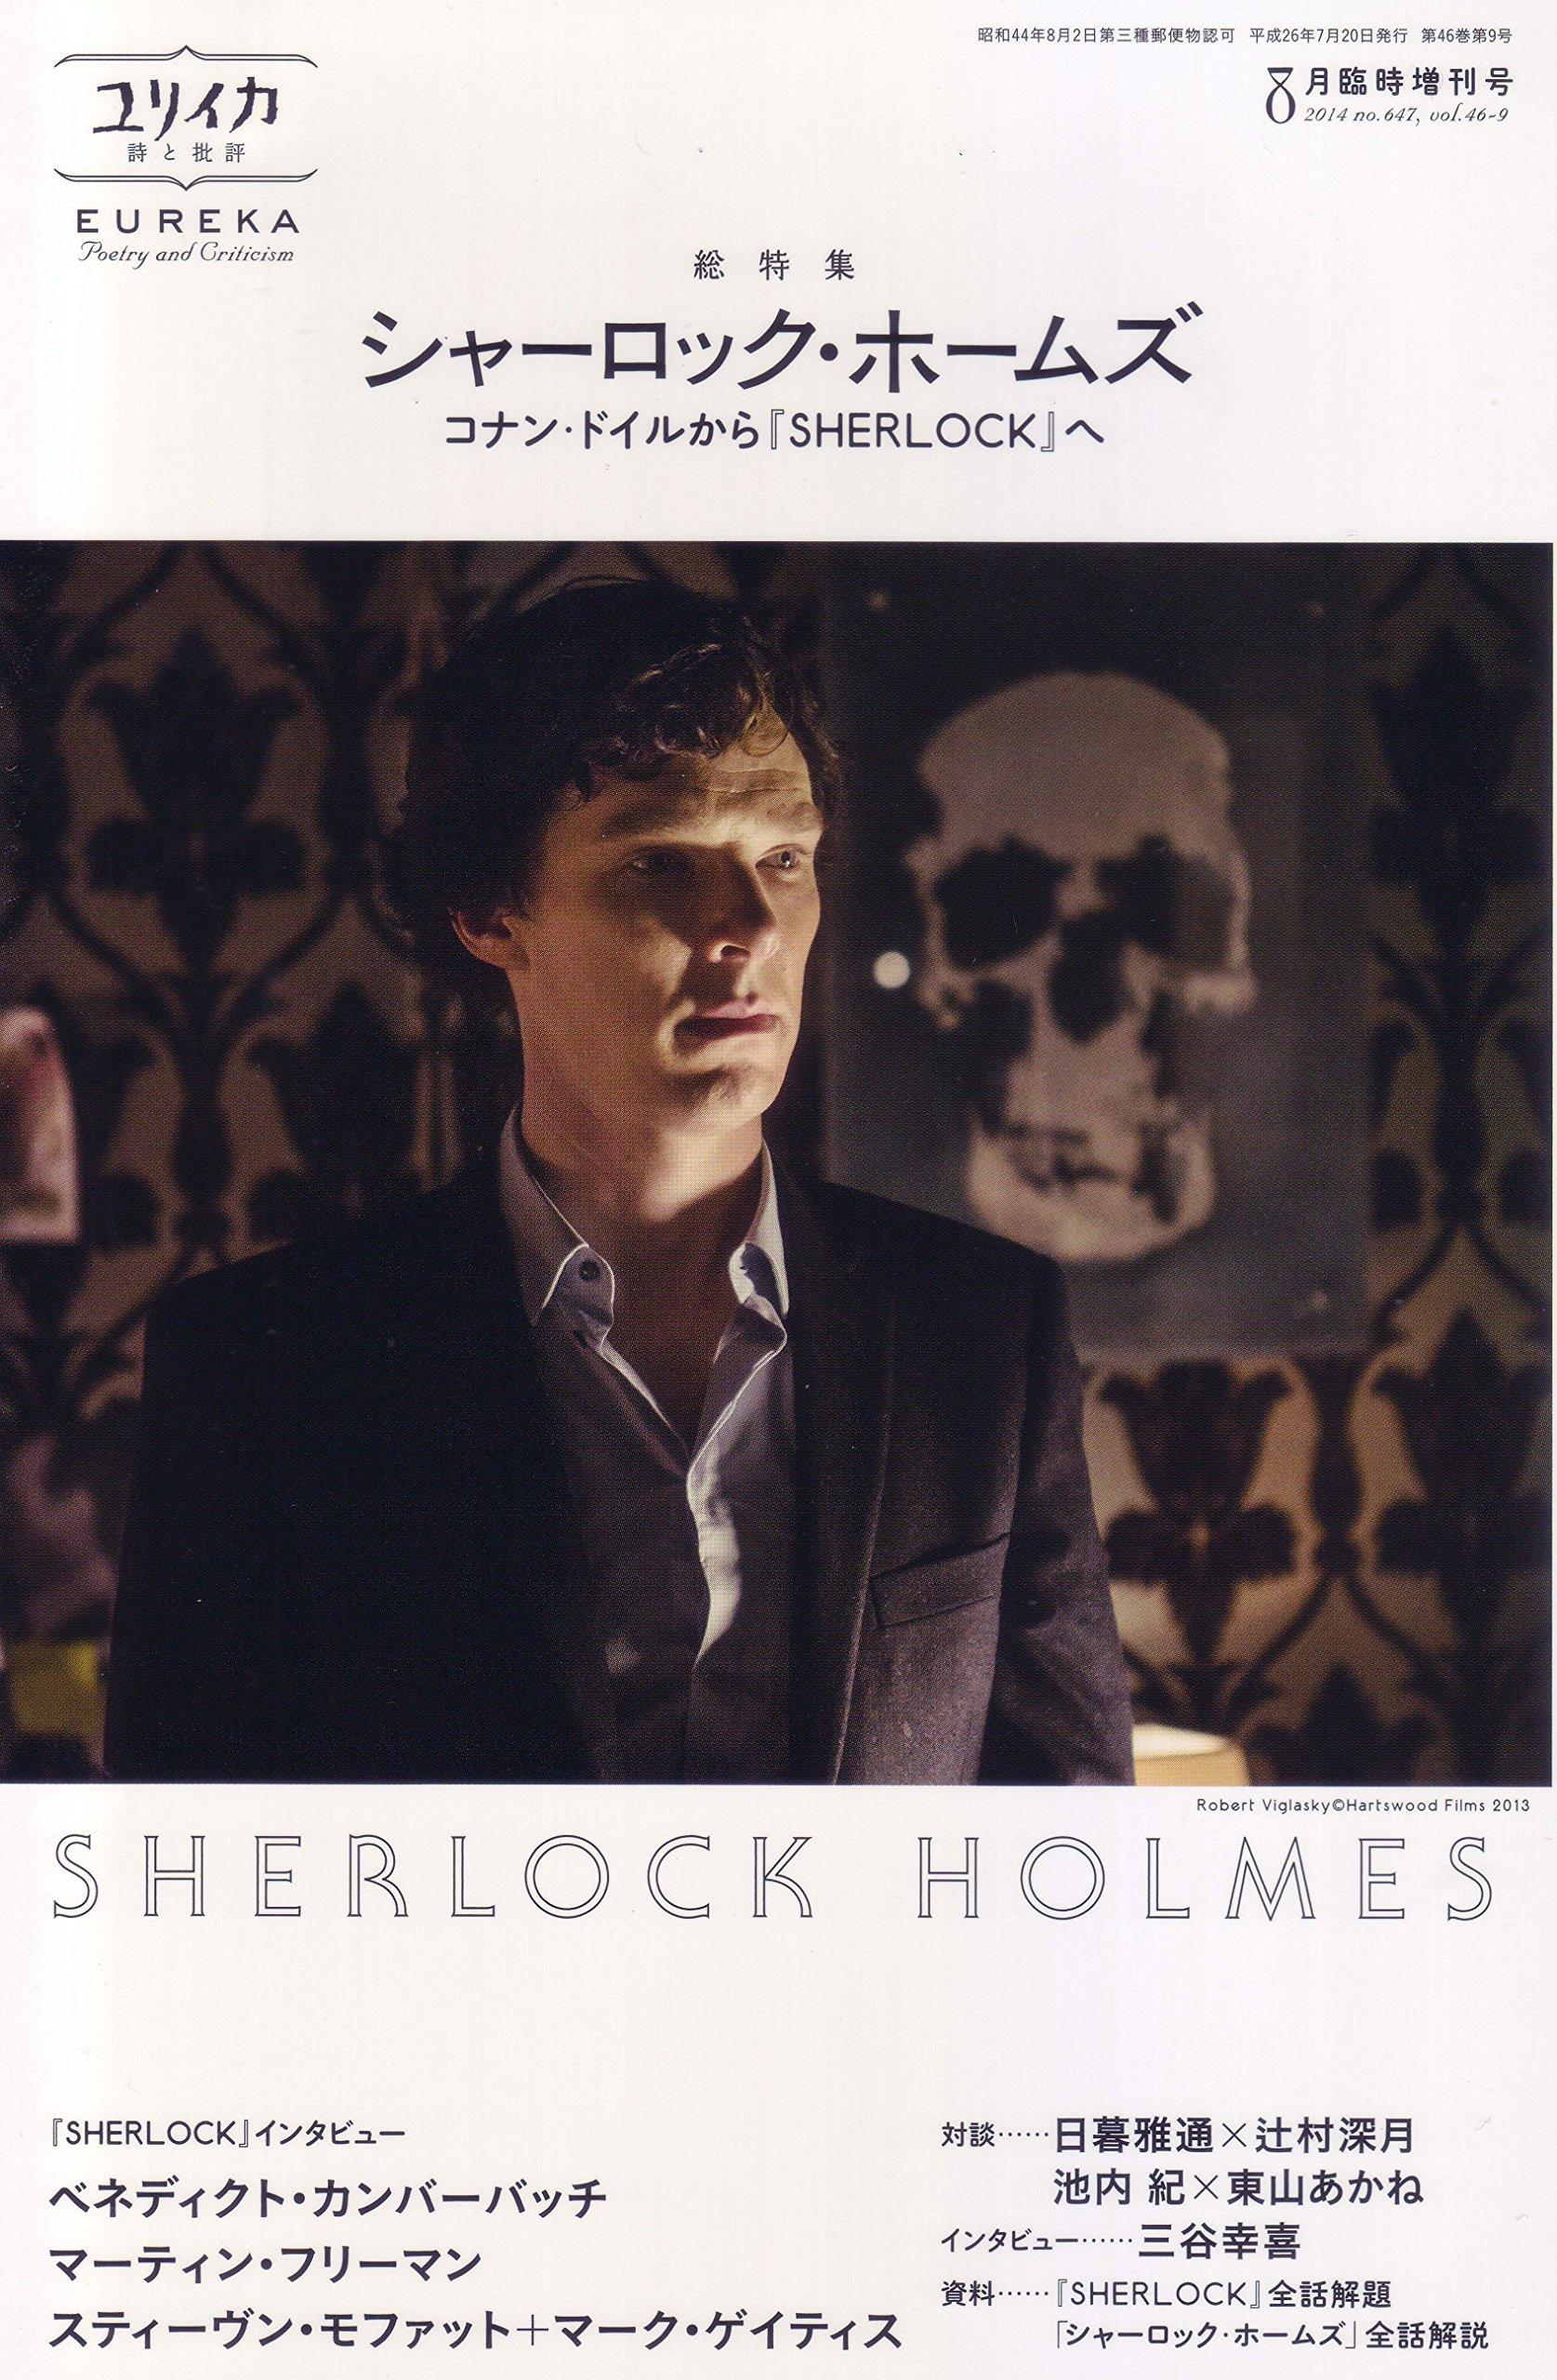 ユリイカ 2014年8月臨時増刊号 総特集◎シャーロック・ホームズ